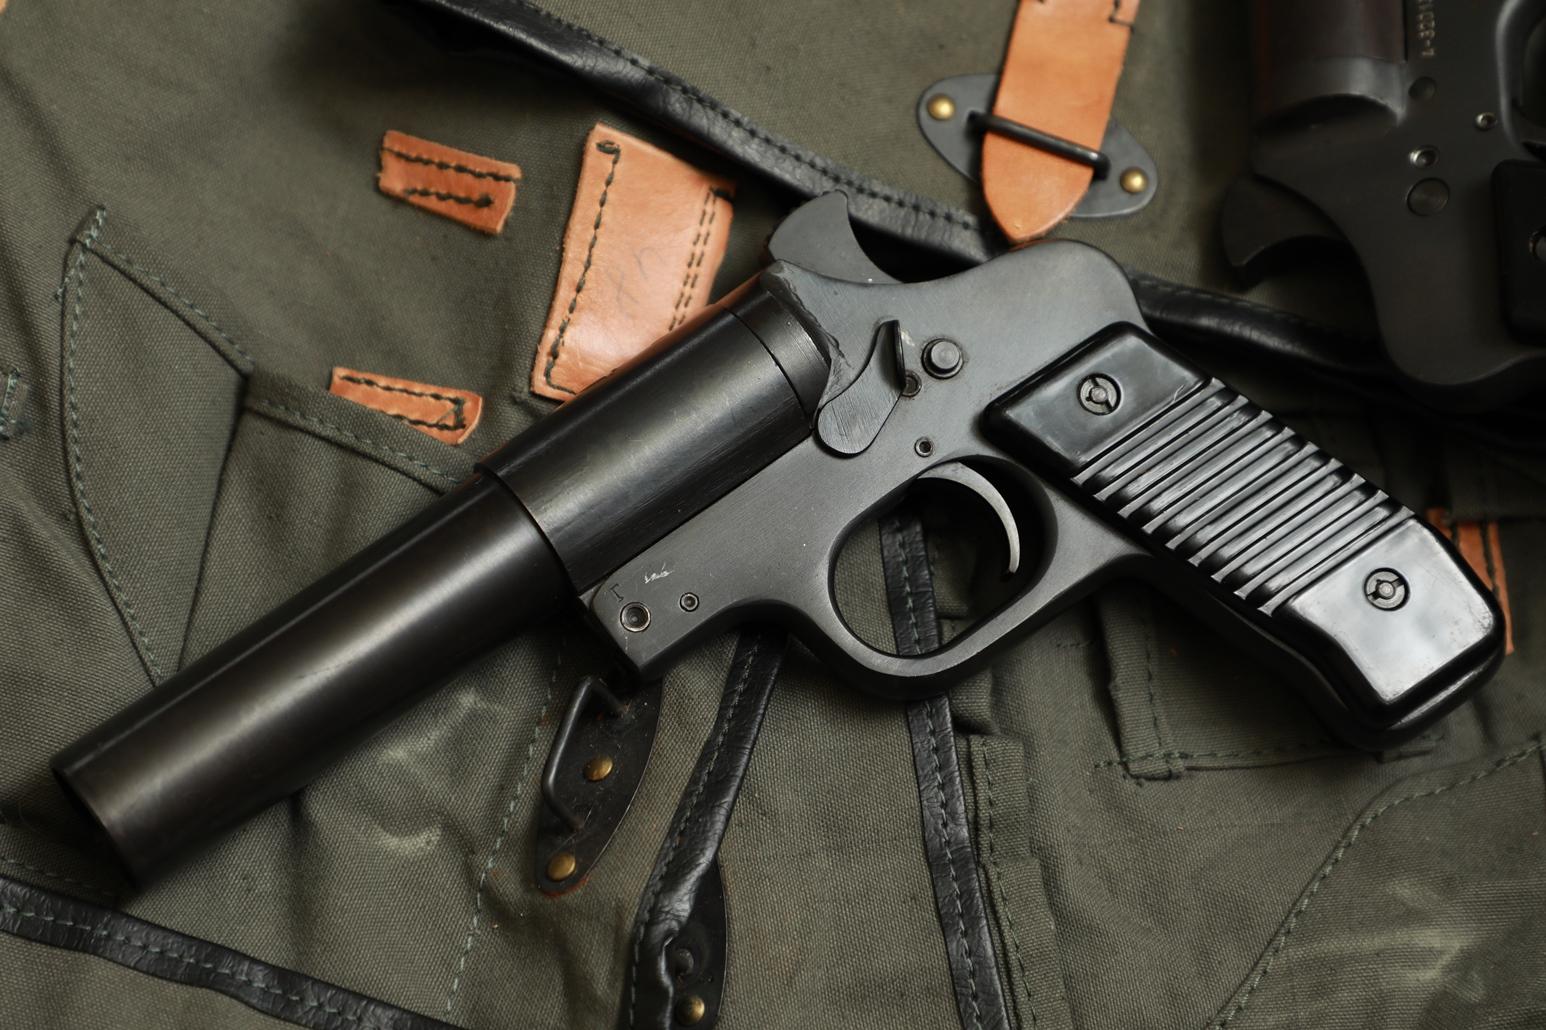 Сигнальный пистолет М57 №32022, Югославия